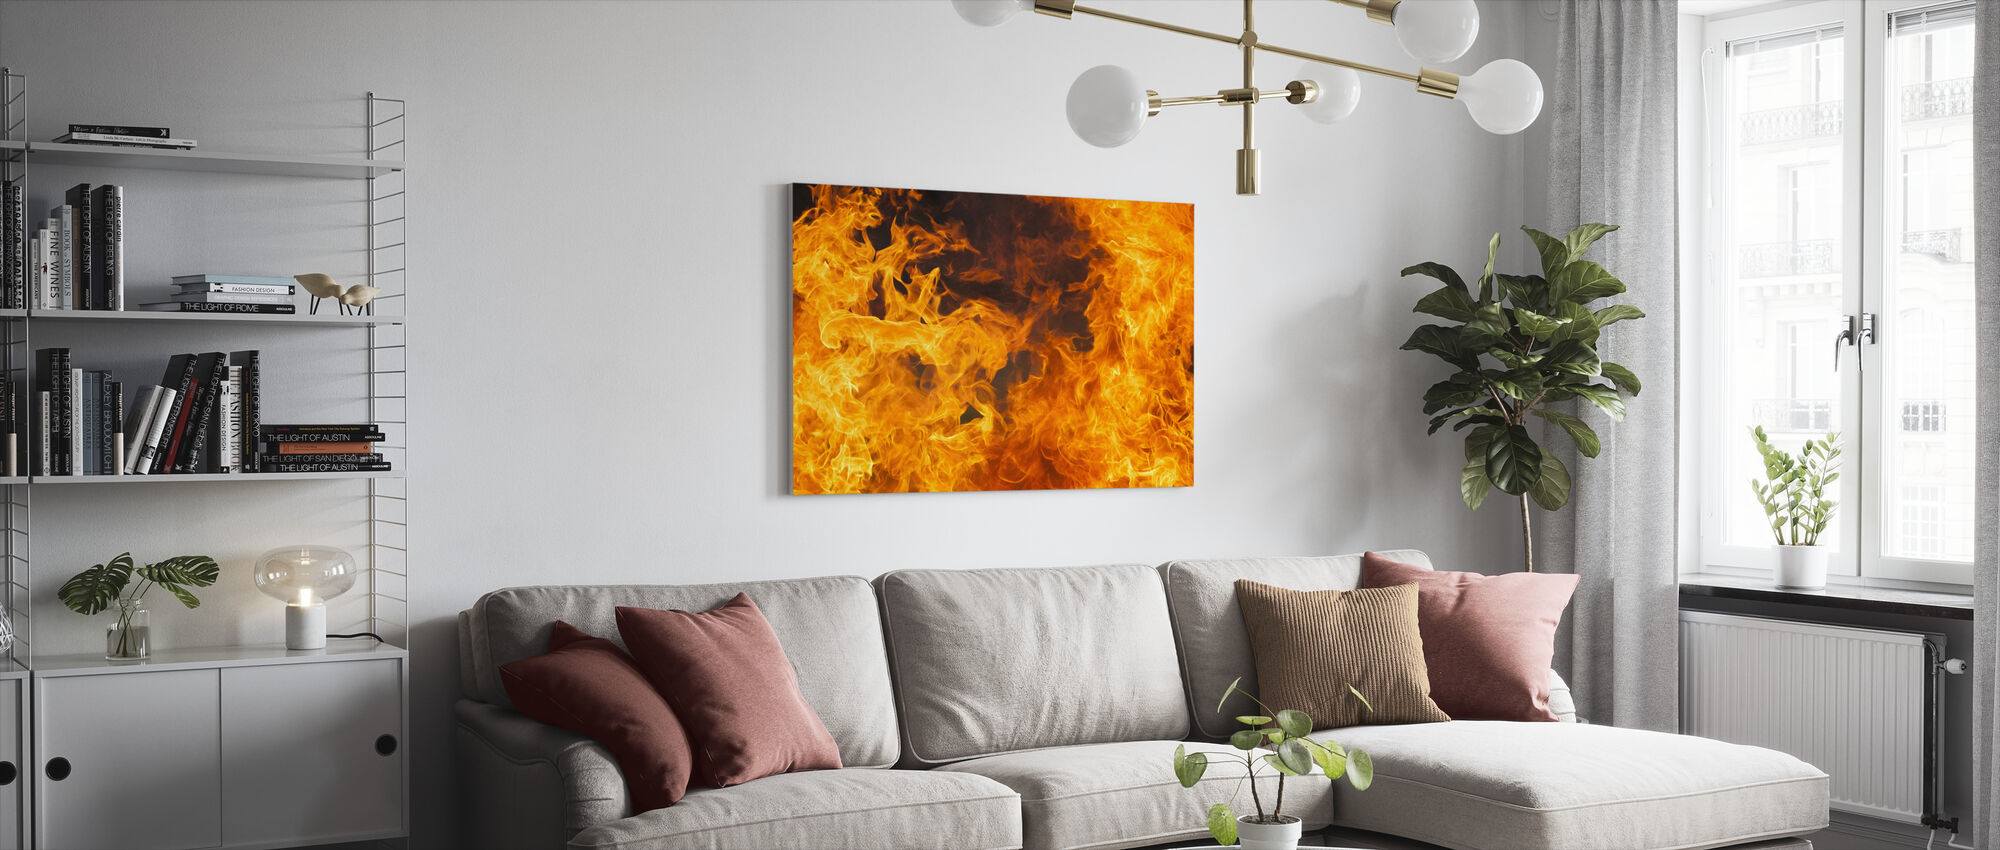 In vlammen - Canvas print - Woonkamer